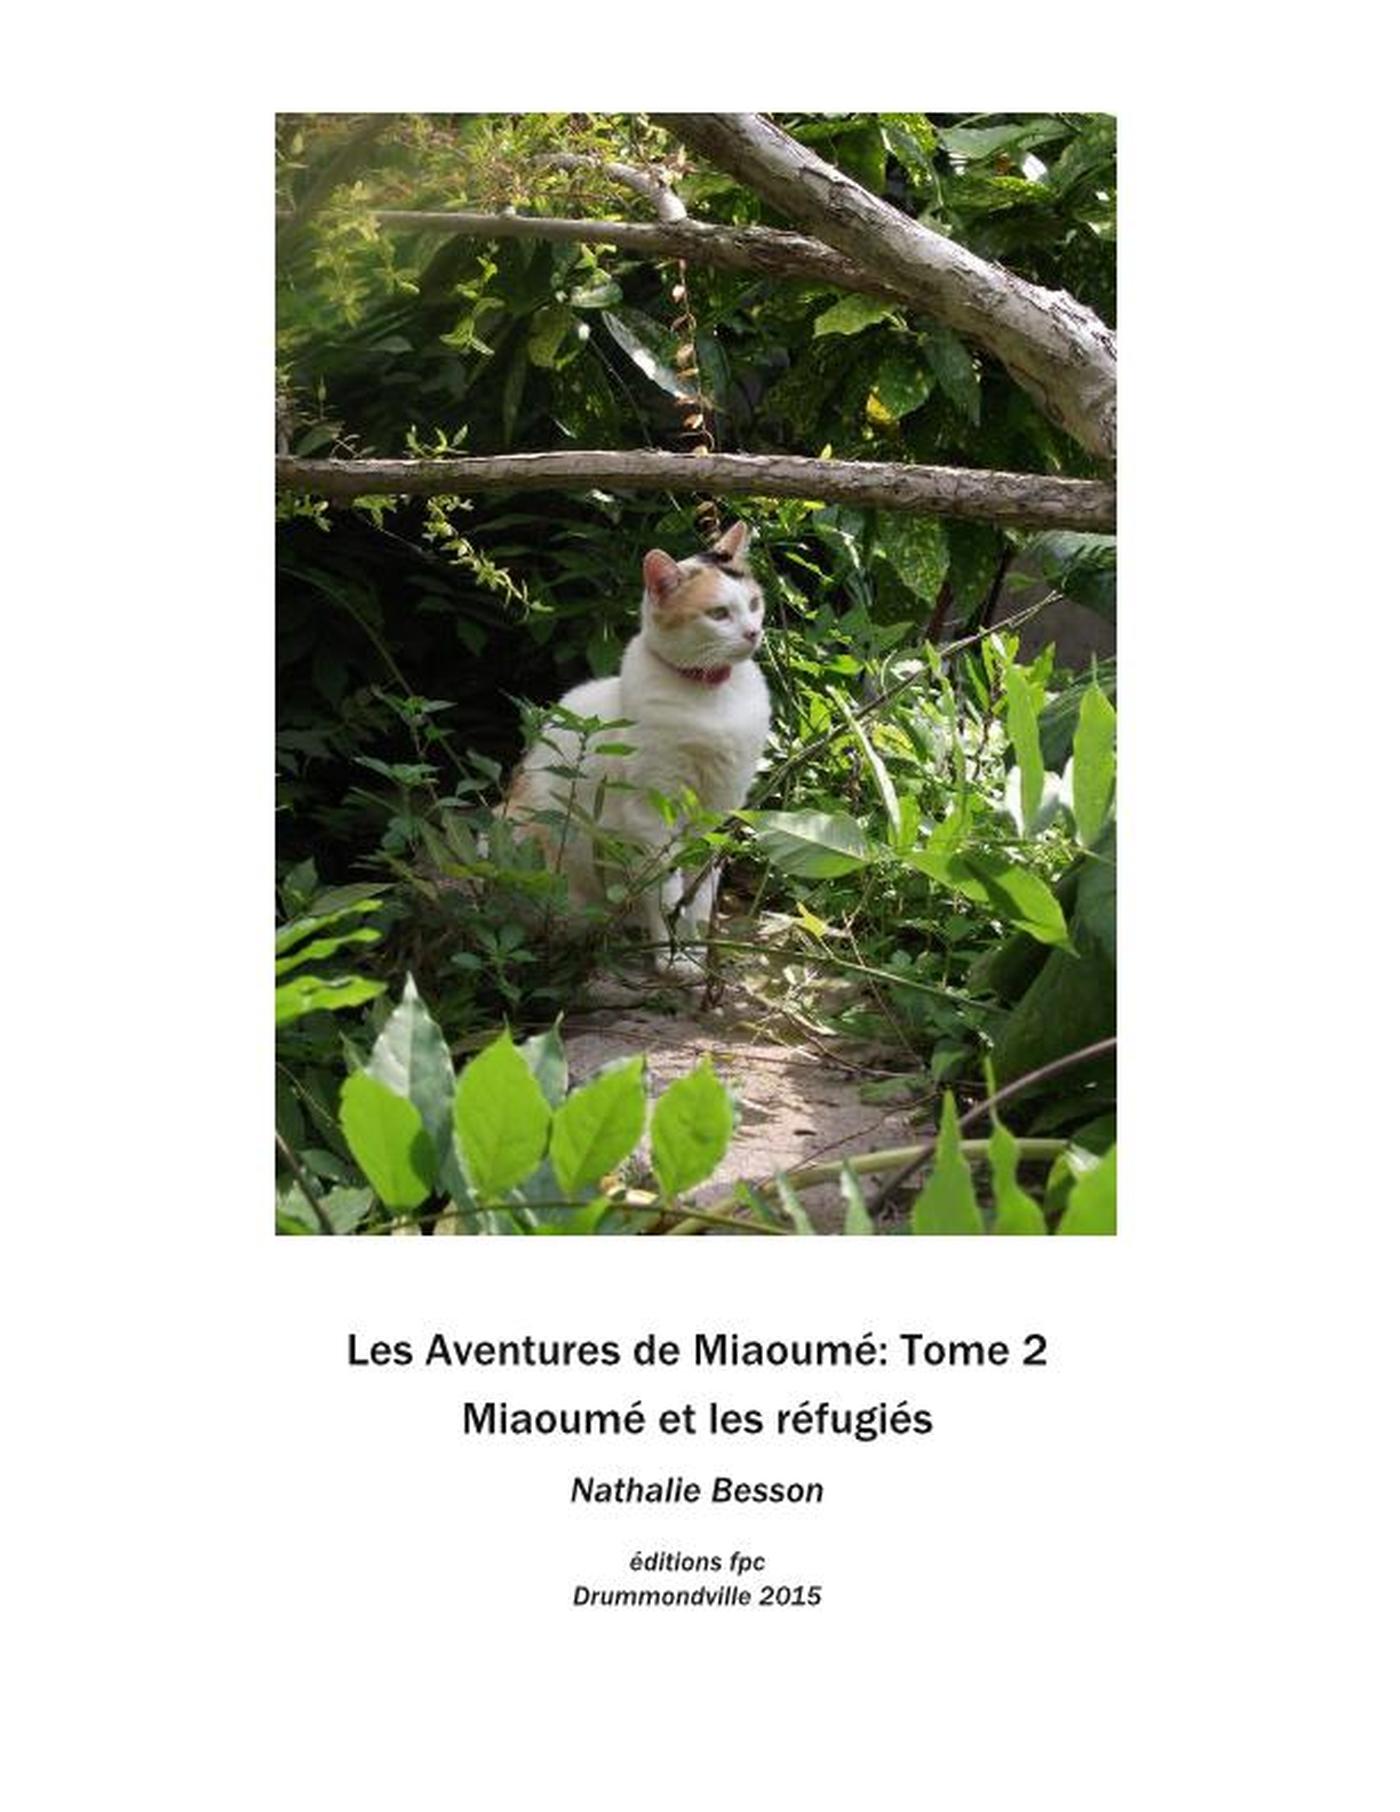 Les Aventures de Miaoumé: t...